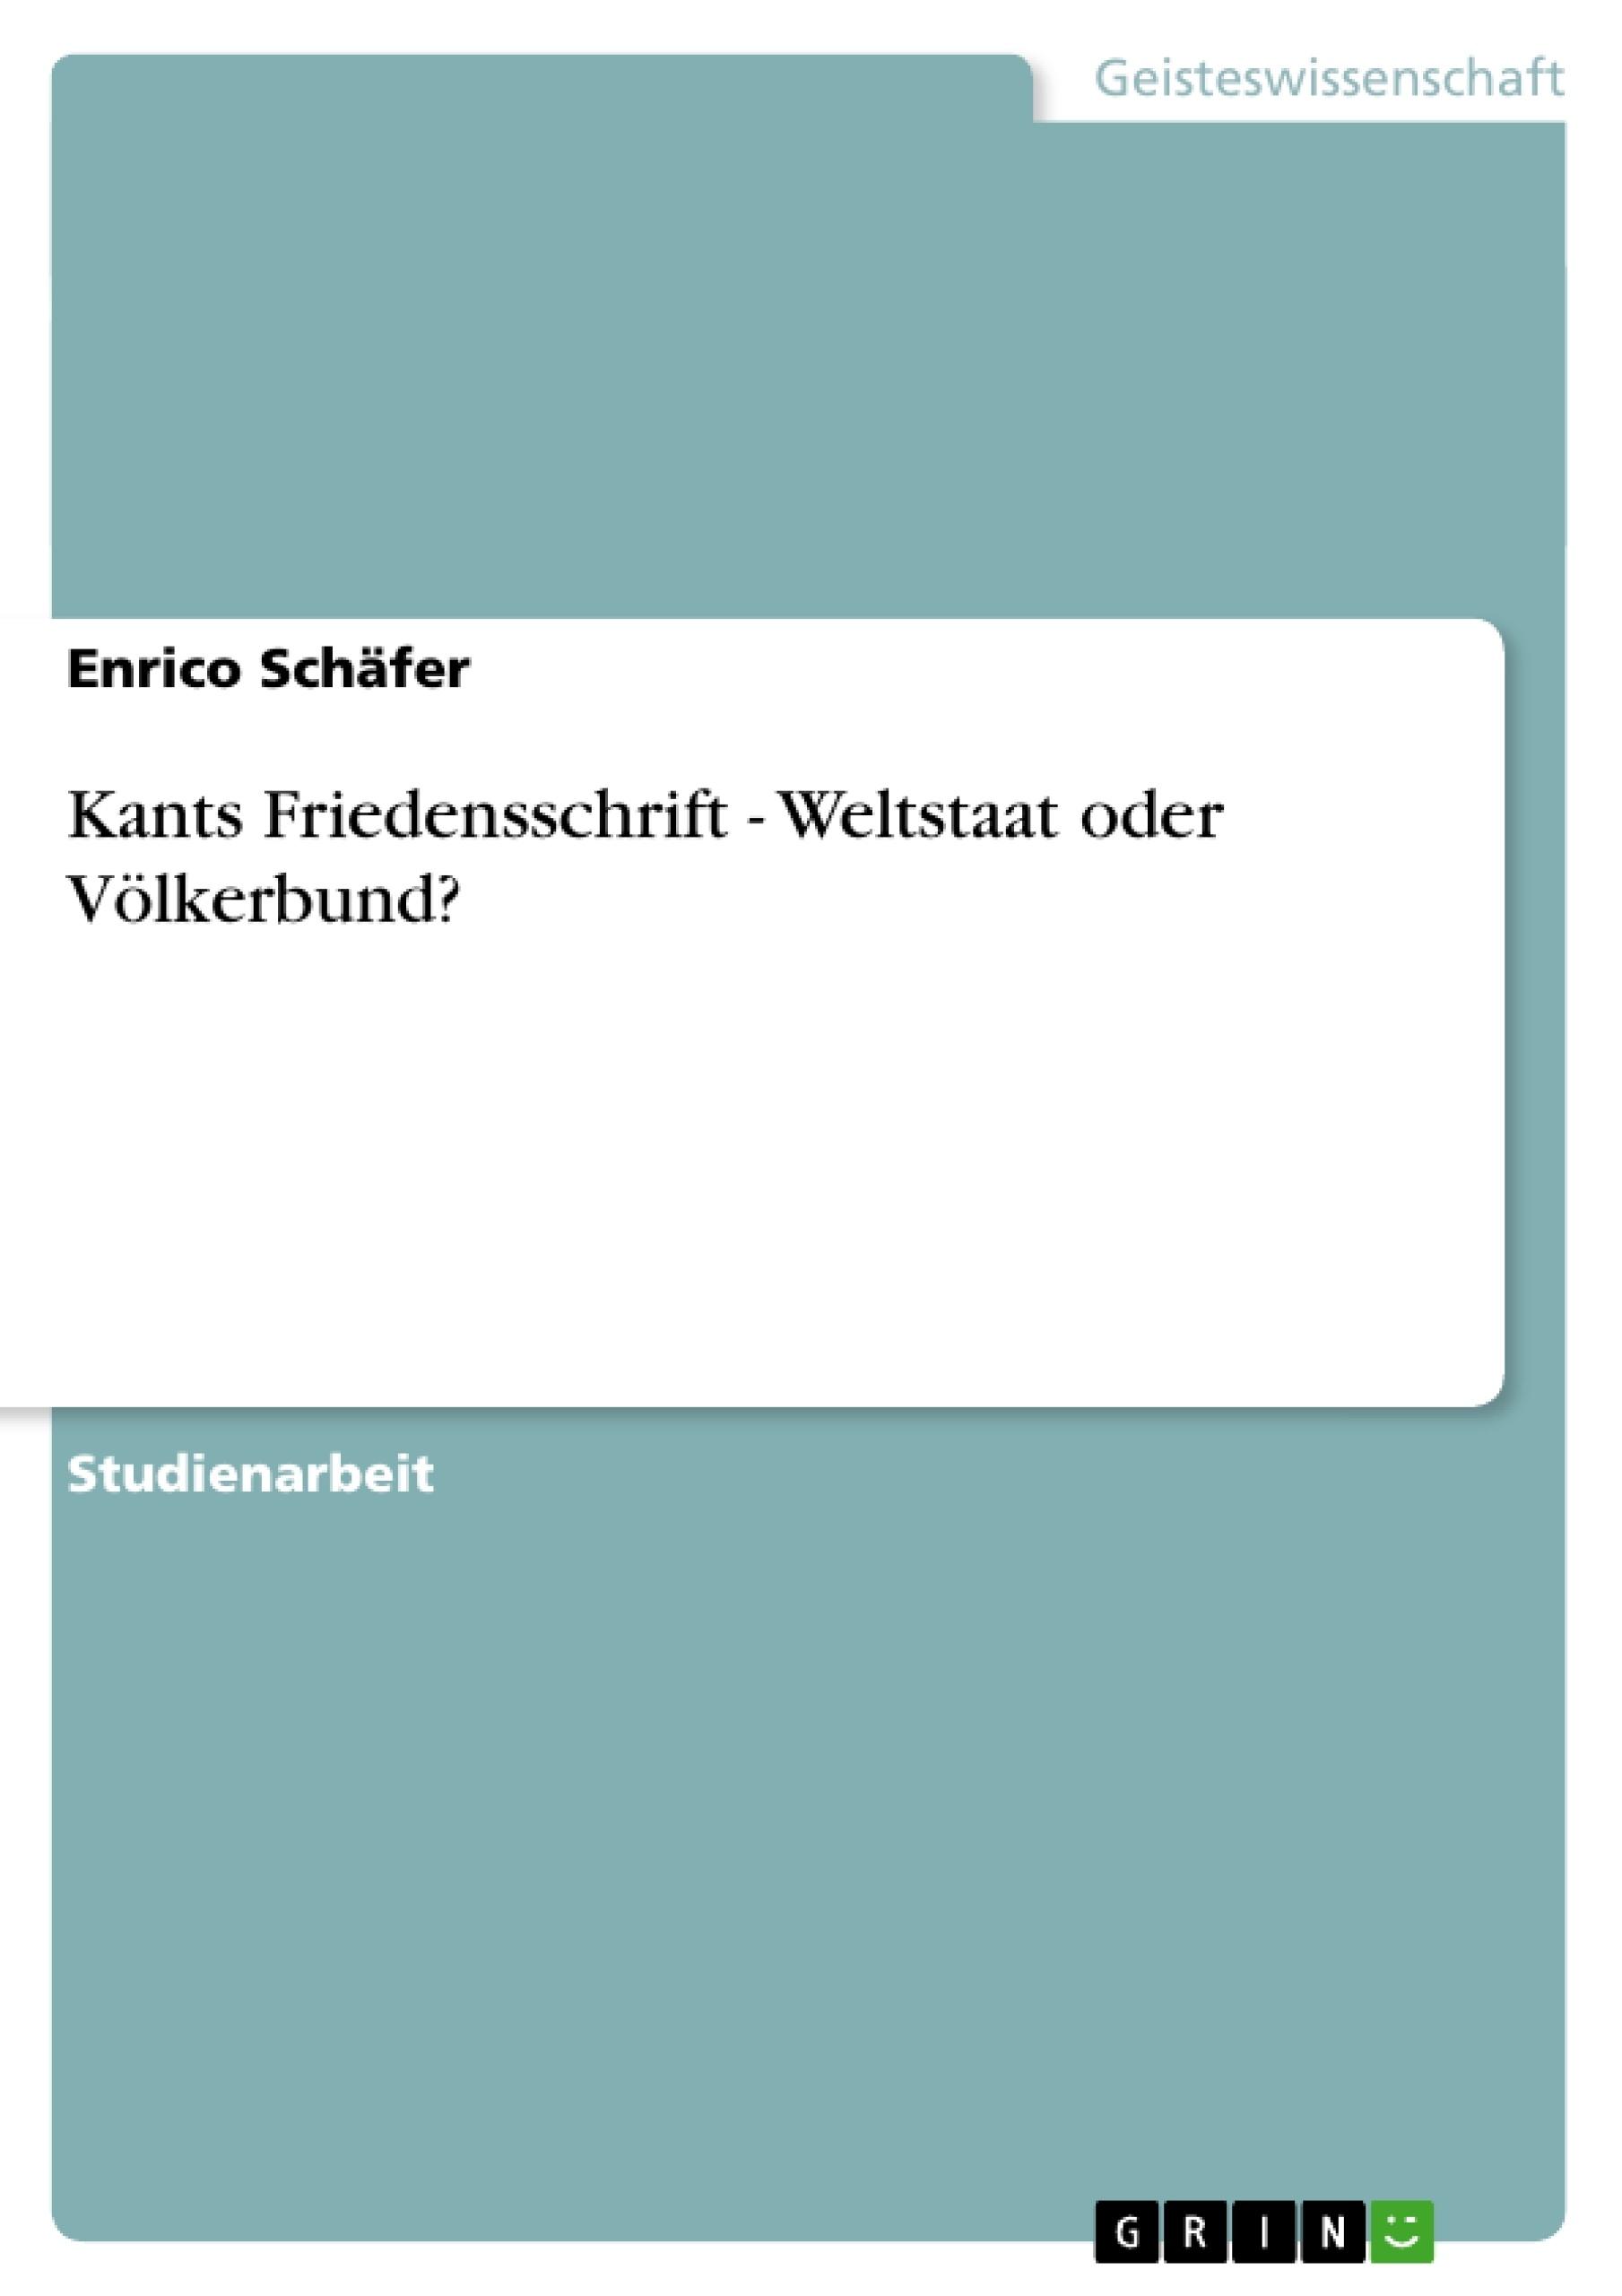 Titel: Kants Friedensschrift  -  Weltstaat oder Völkerbund?